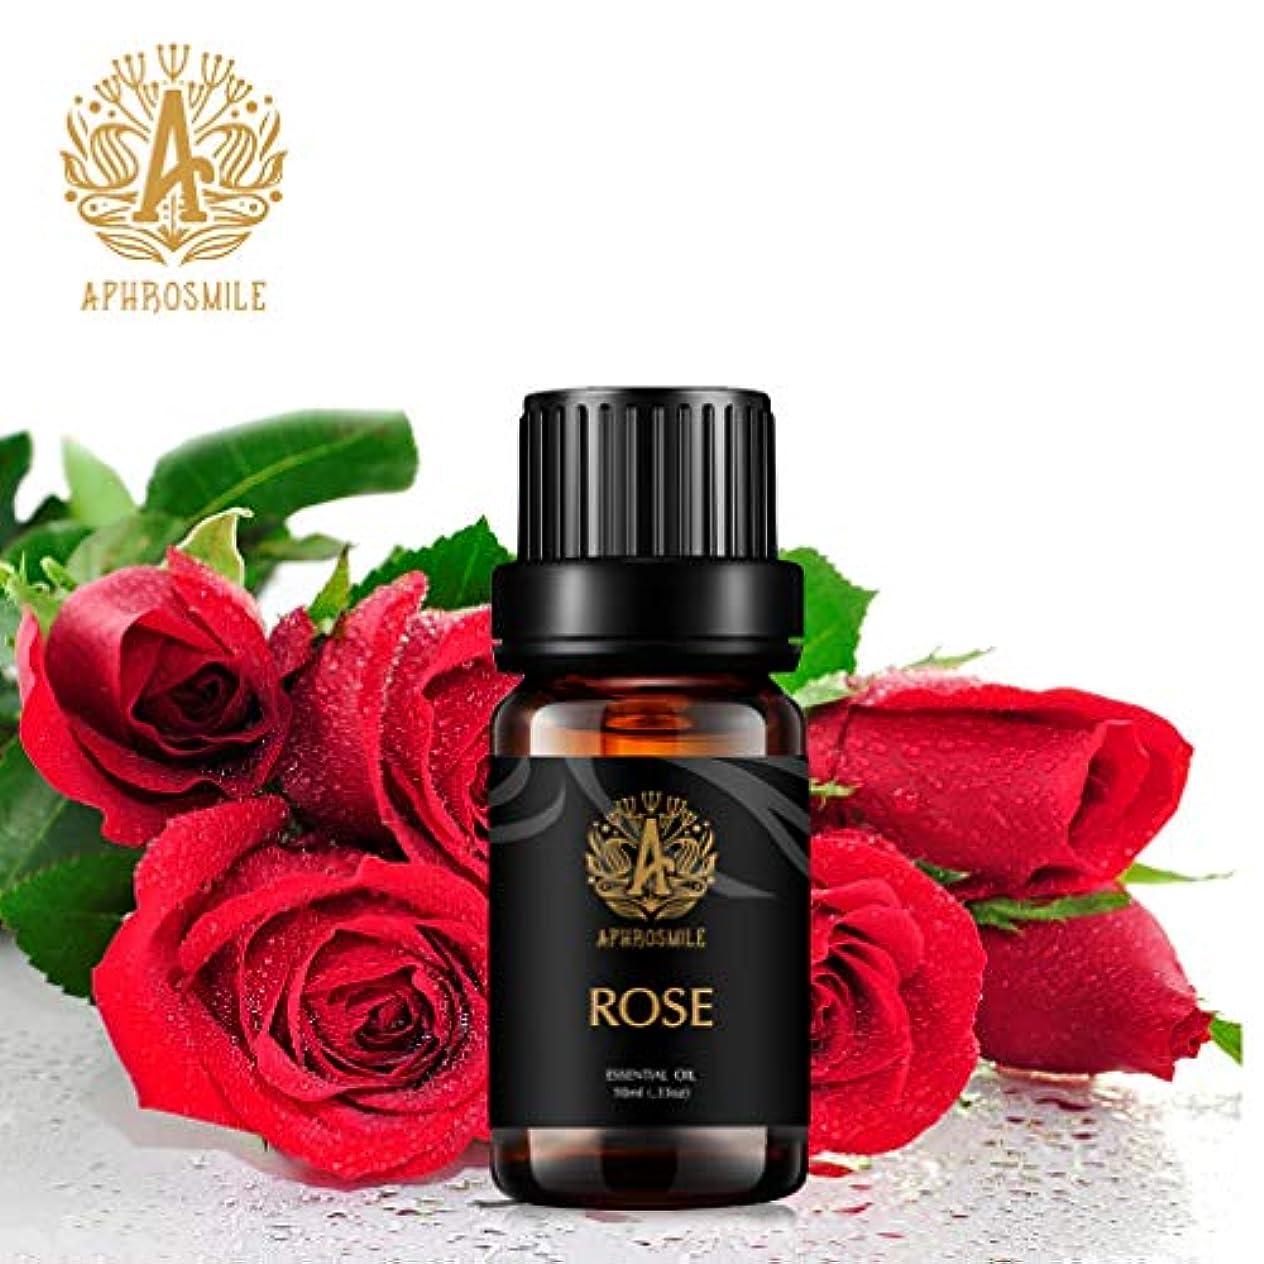 関連する縮れたくちばしローズエッセンシャルオイル、100%ピュアアロマセラピーエッセンシャルオイルローズの香り、肌に栄養を与え、治療用グレードエッセンシャルオイルローズの香り、為にディフューザー、マッサージ、加湿器、デイリーケア、0.33オンス...